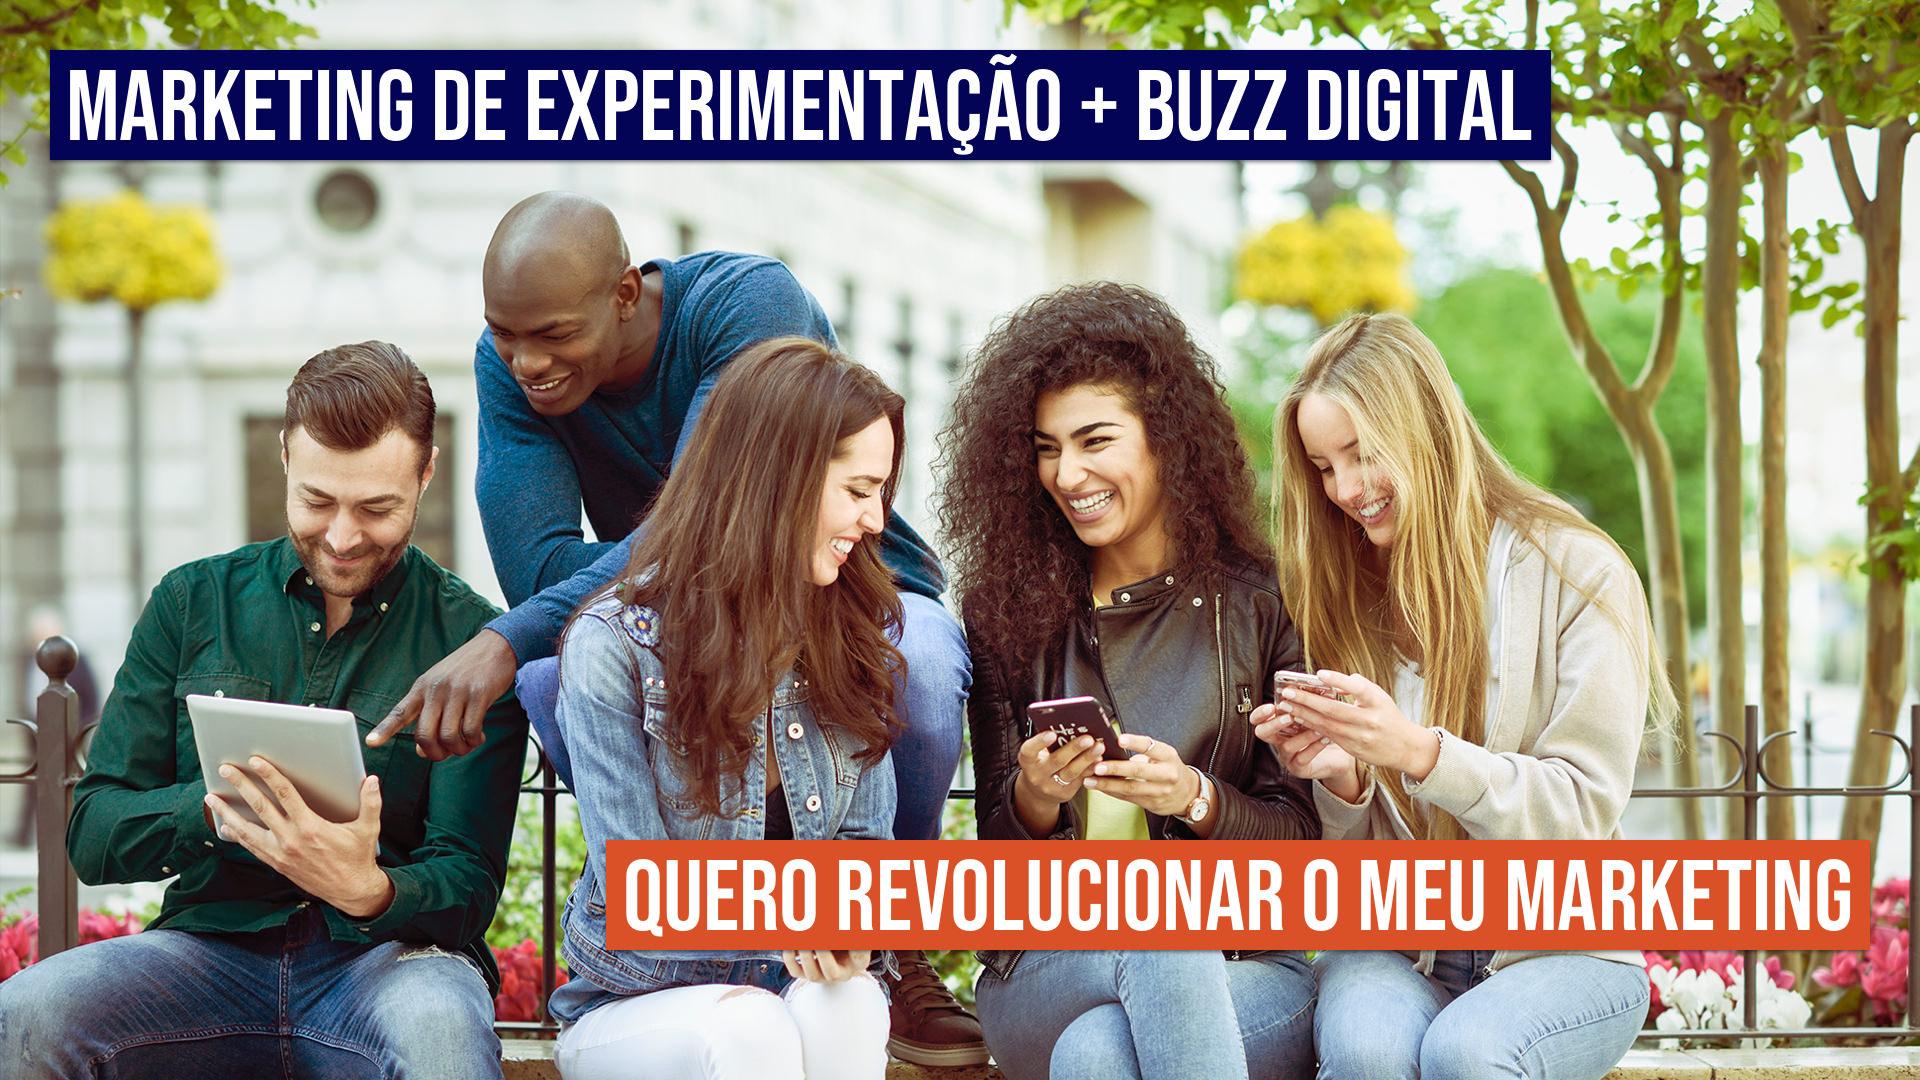 Marketing de Experimentação + Buzz Digital: quero revolucionar o meu marketing!